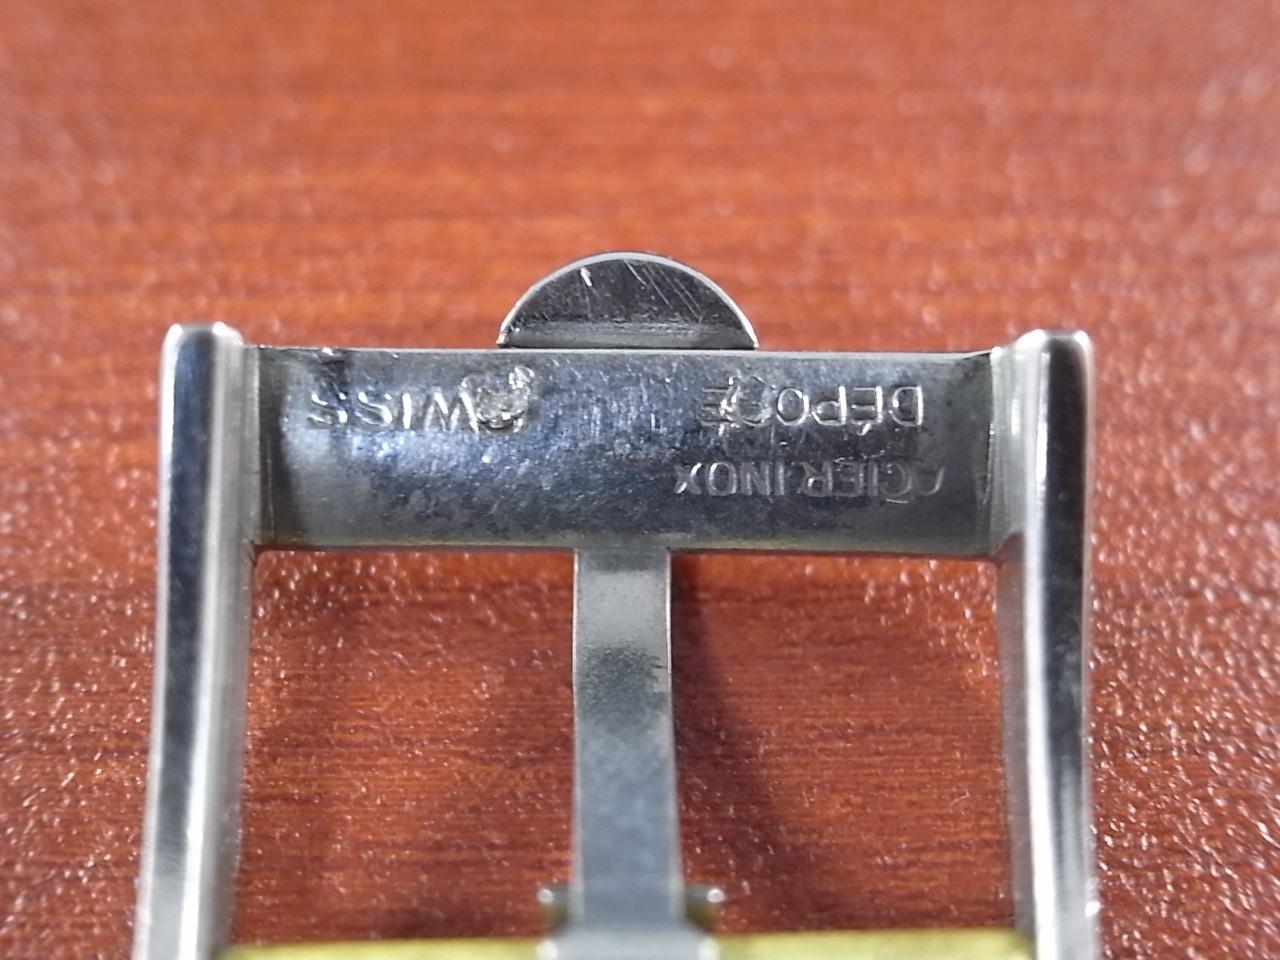 オメガ アンティーク尾錠 SS 14mm 1950年代の写真5枚目